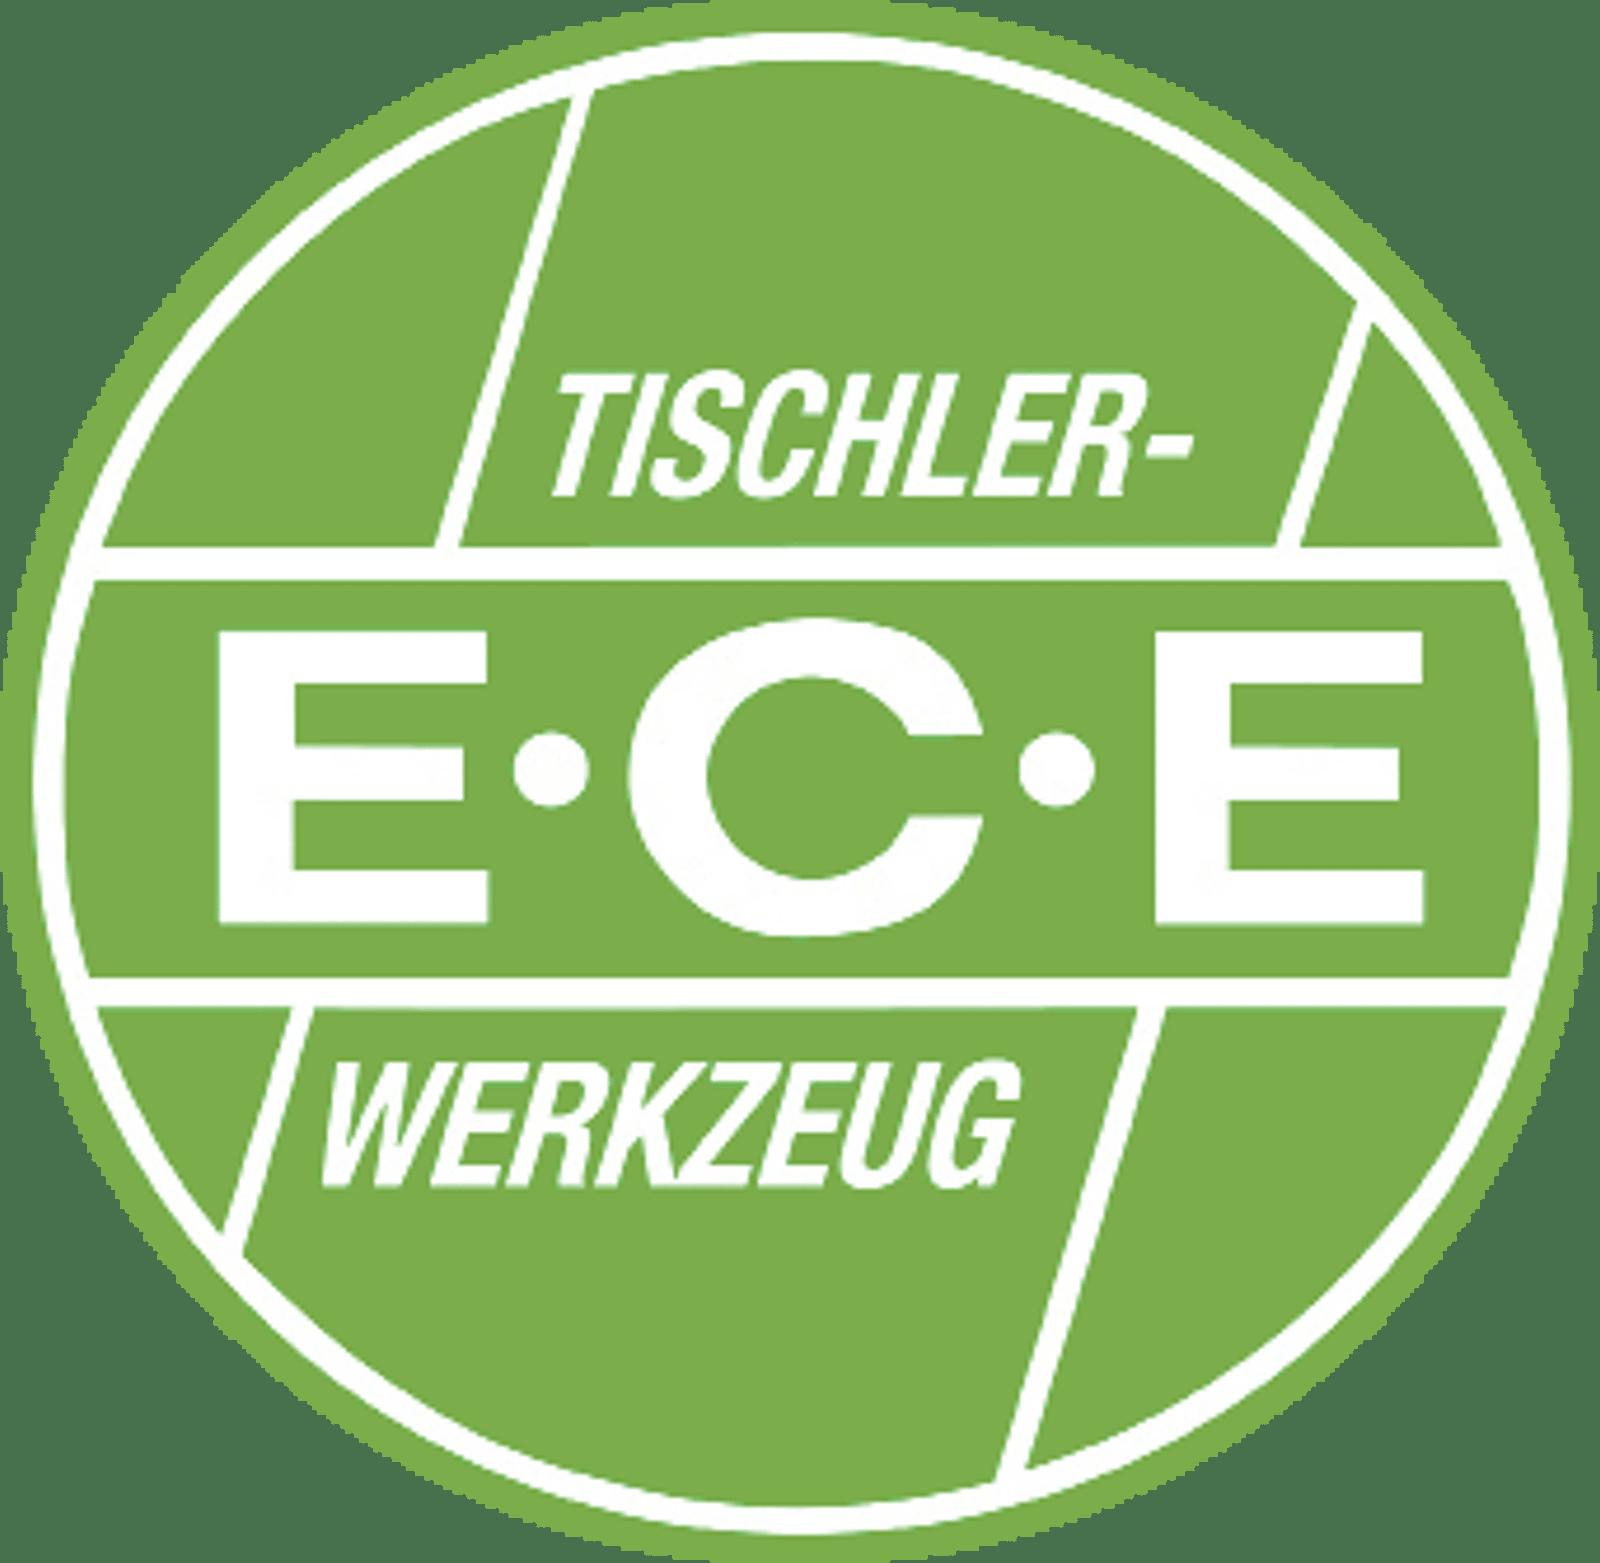 E.C.E.